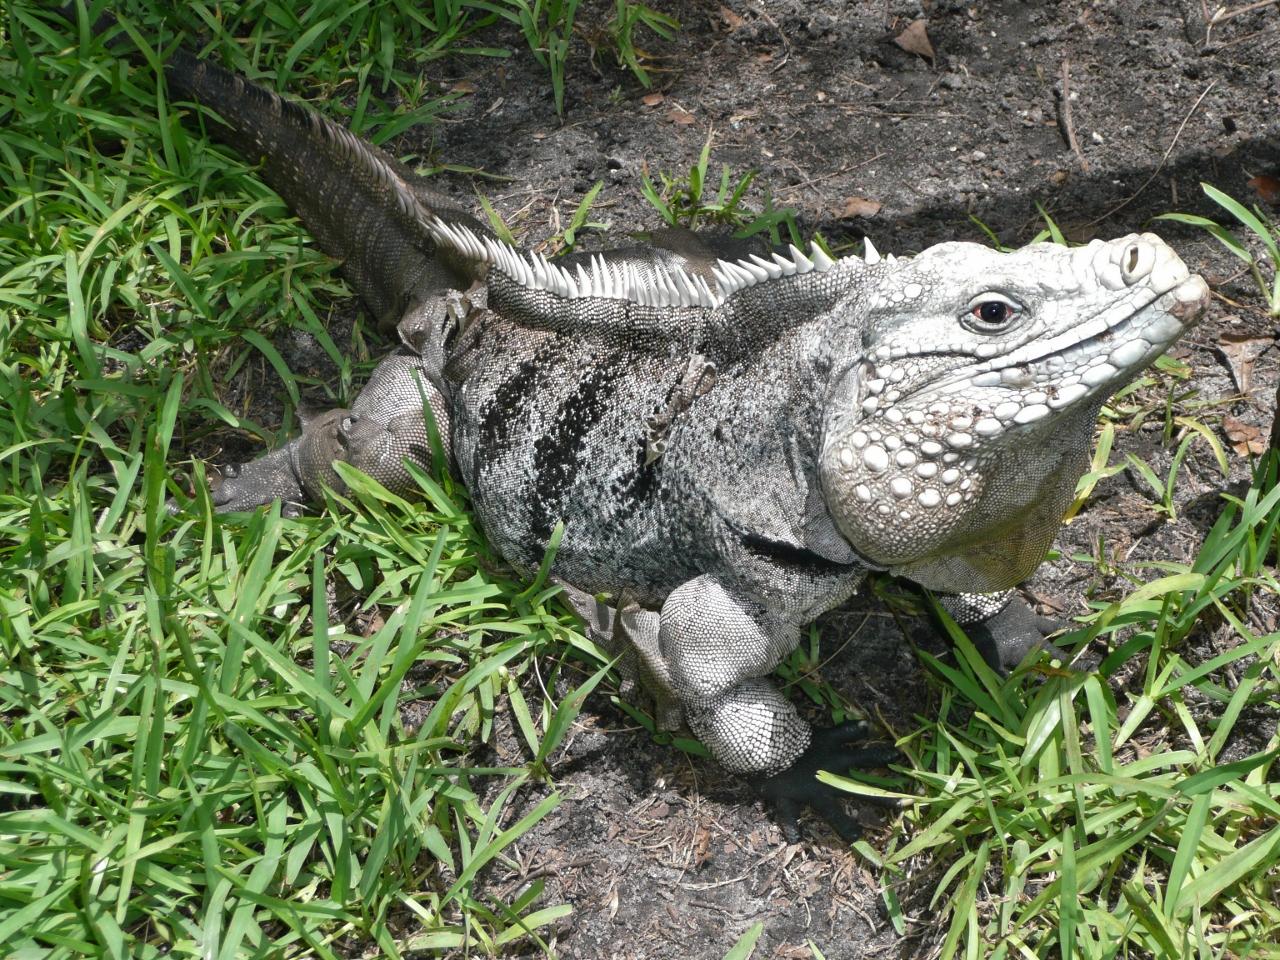 Cayman Brac Iguana Or Cyclura Nubila Caymanensis